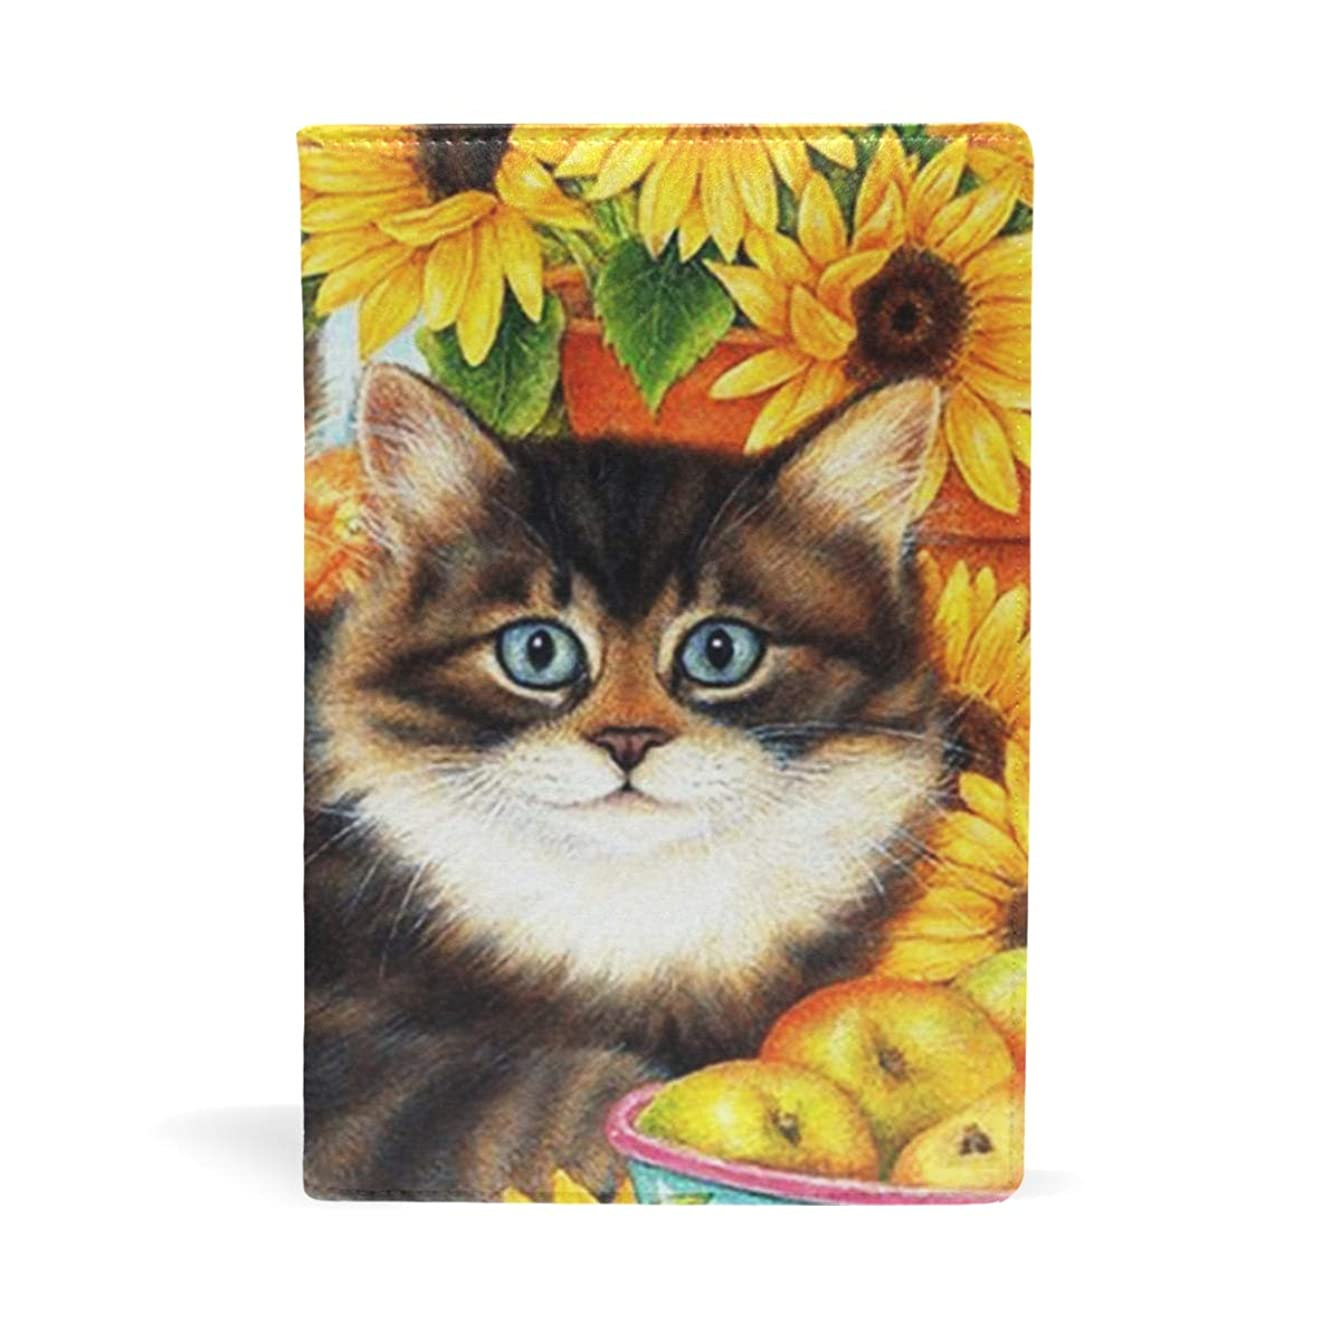 高いヒロイン非常に怒っていますブックカバー 文庫 a5 皮革 レザー 猫の兄弟 文庫本カバー ファイル 資料 収納入れ オフィス用品 読書 雑貨 プレゼント